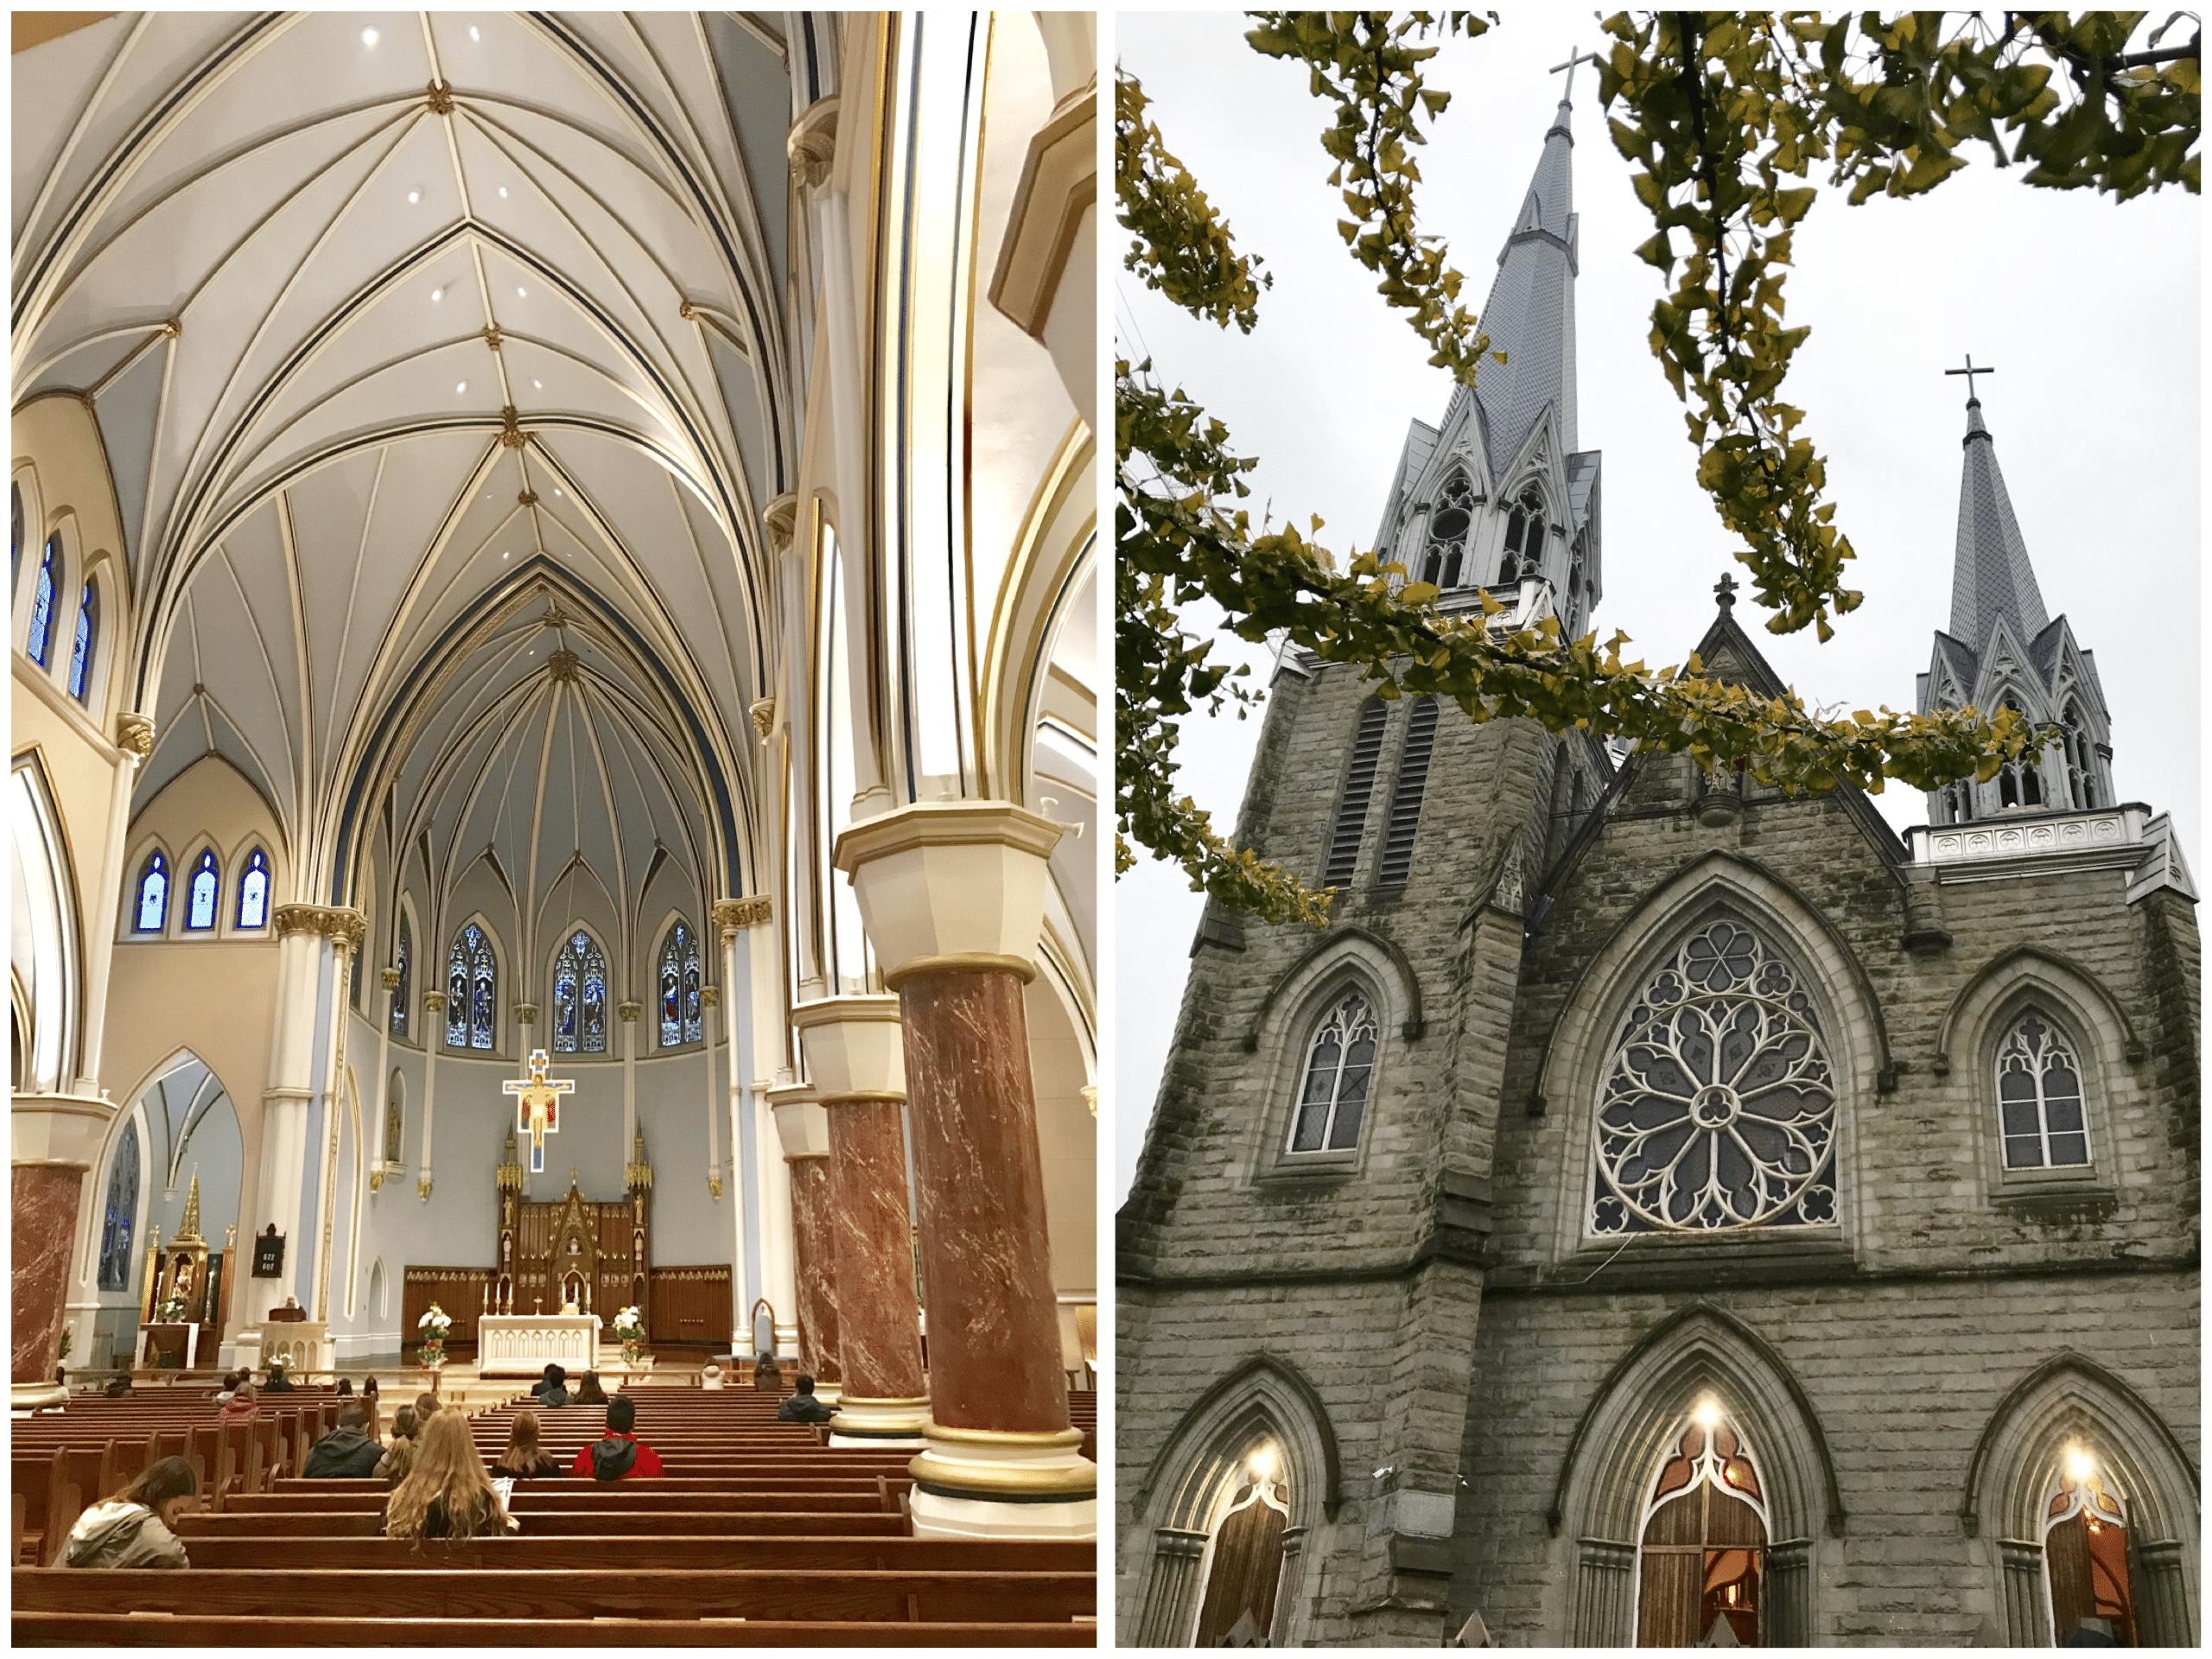 la Cathédrale du Saint-Rosaire( Holy Rosary Cathedral )